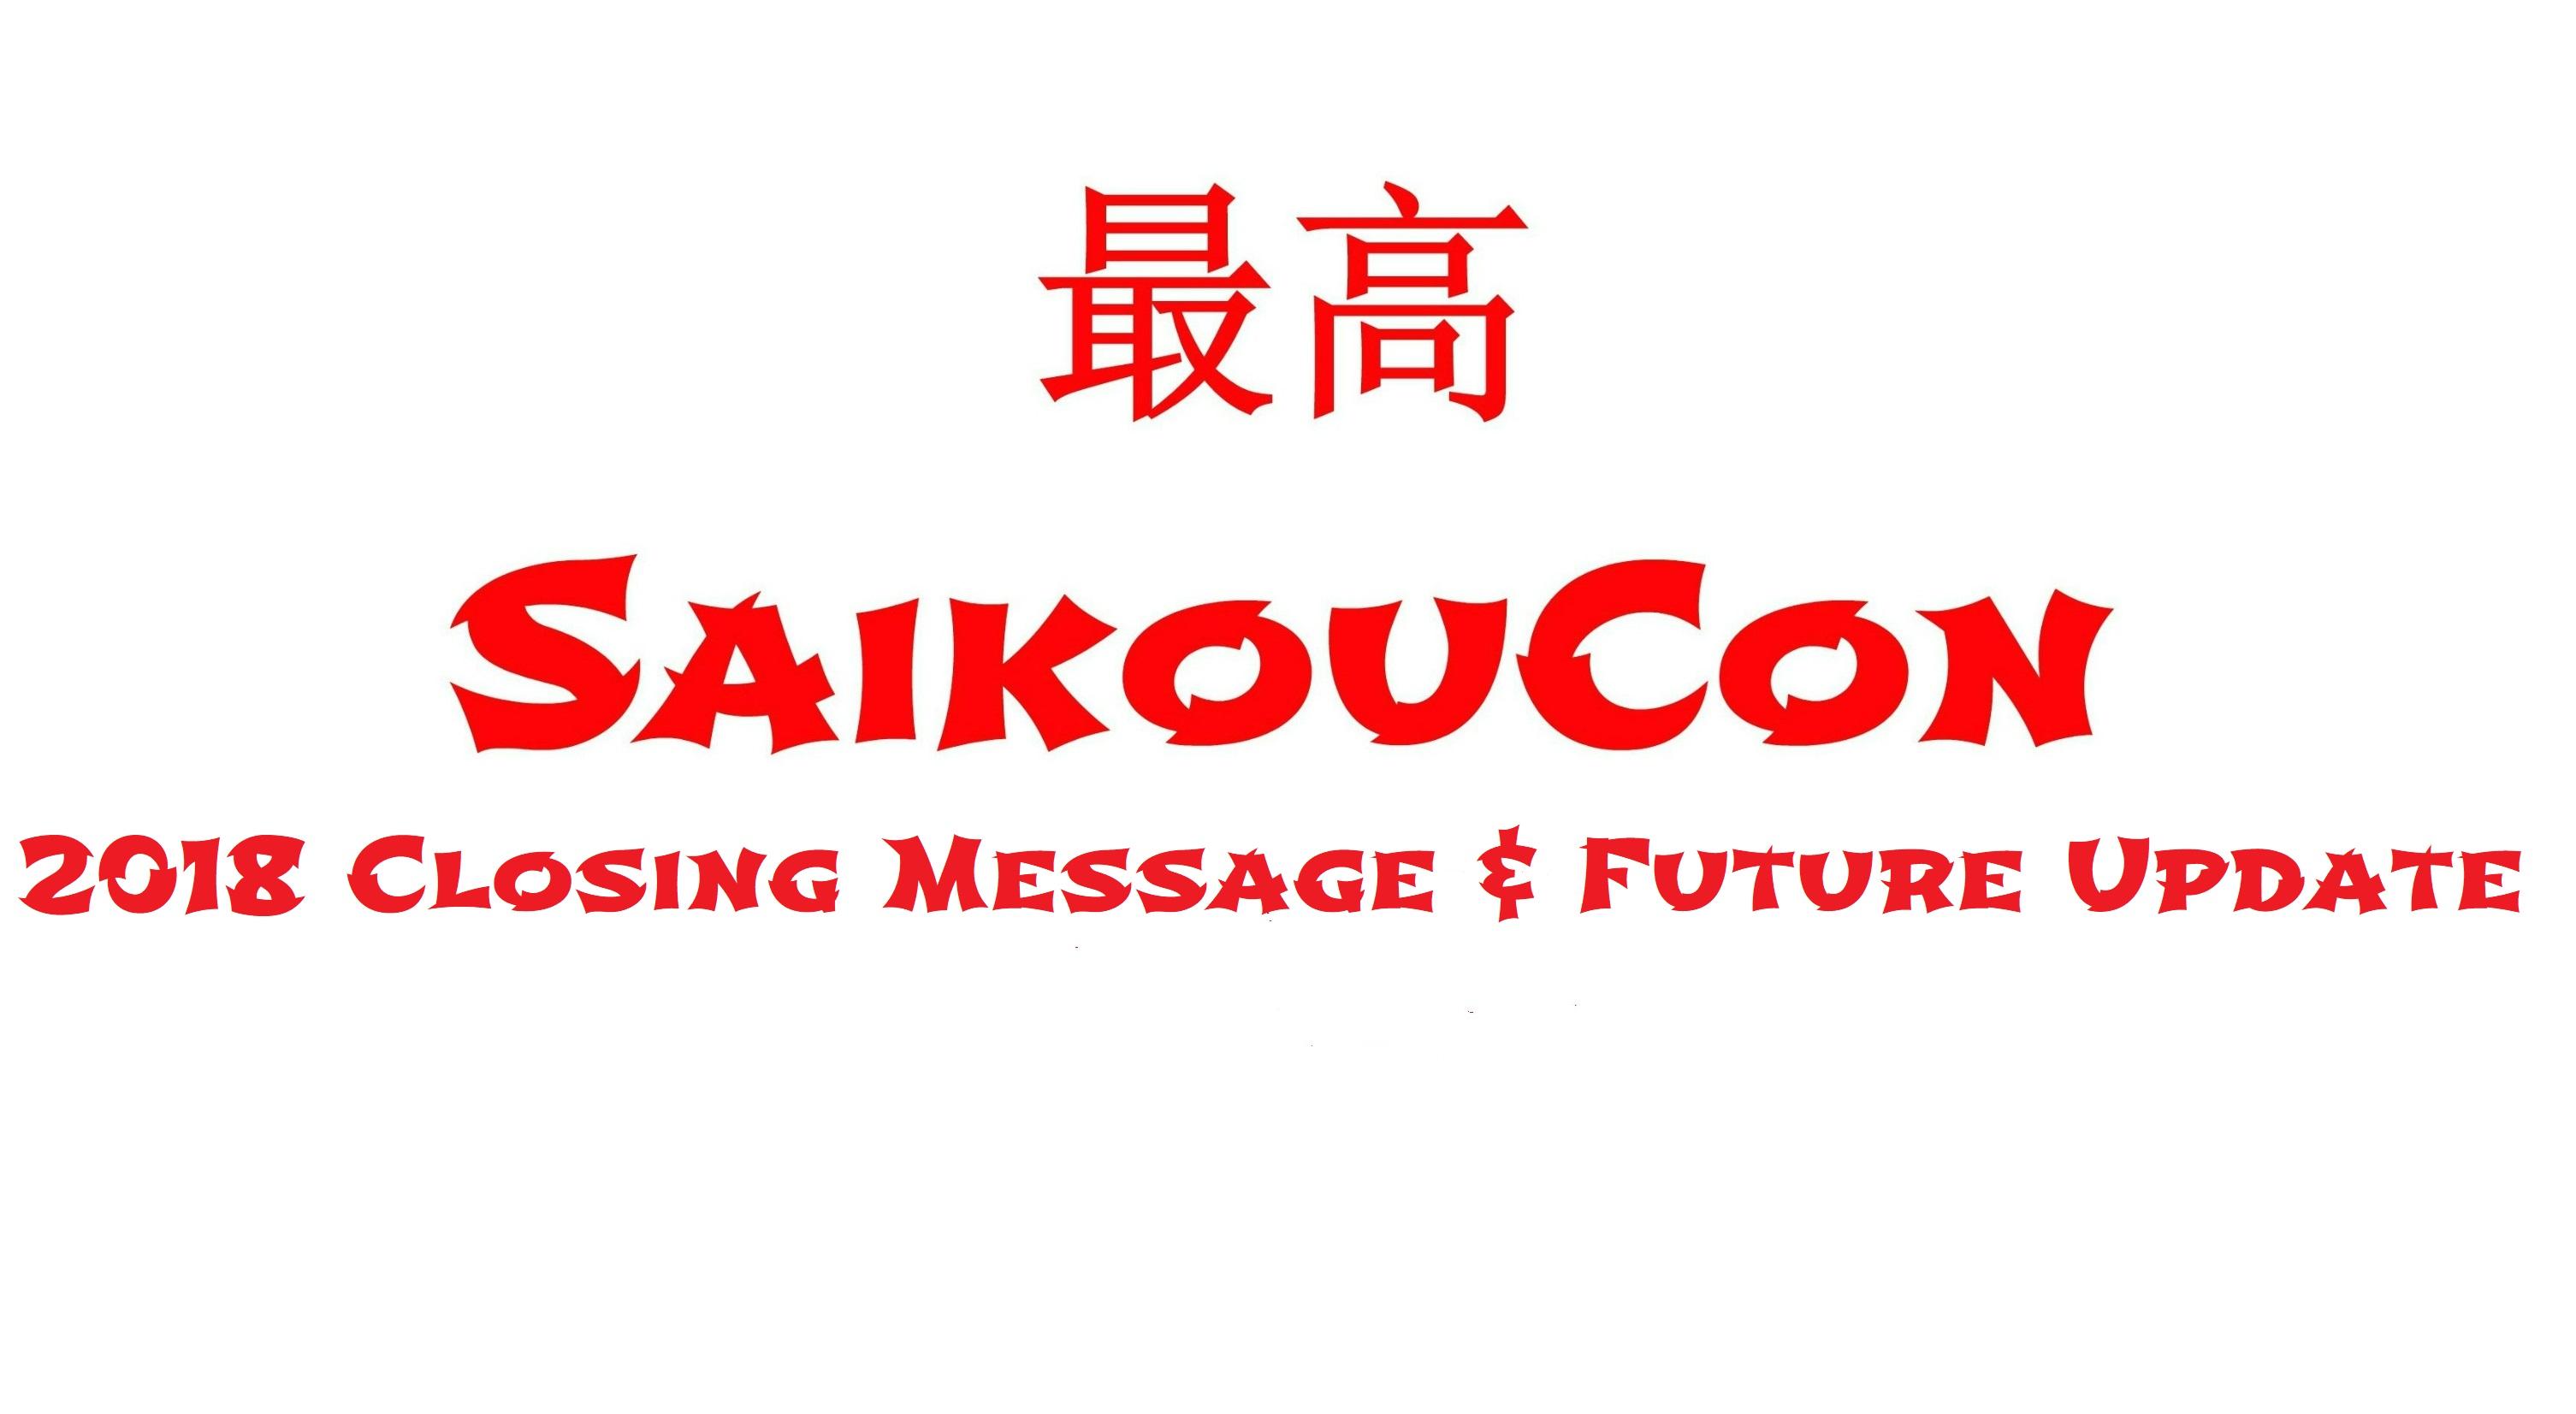 SaikouCon Update